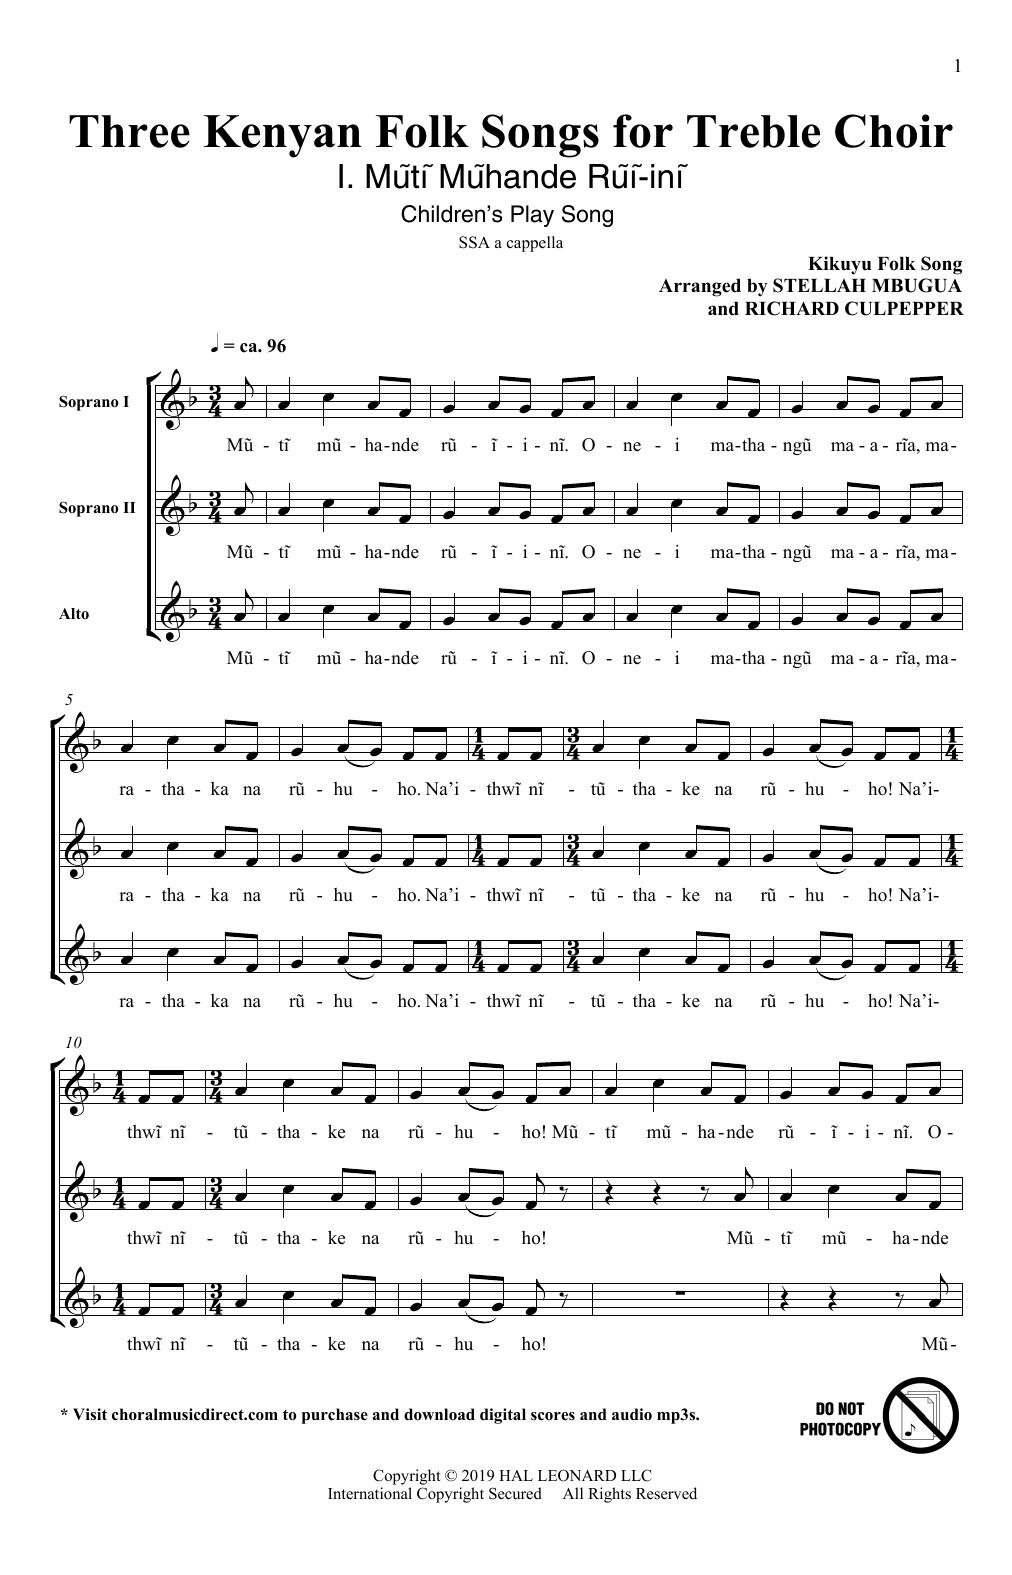 Three Kenyan Folksongs for Treble Choir (SSA Choir)